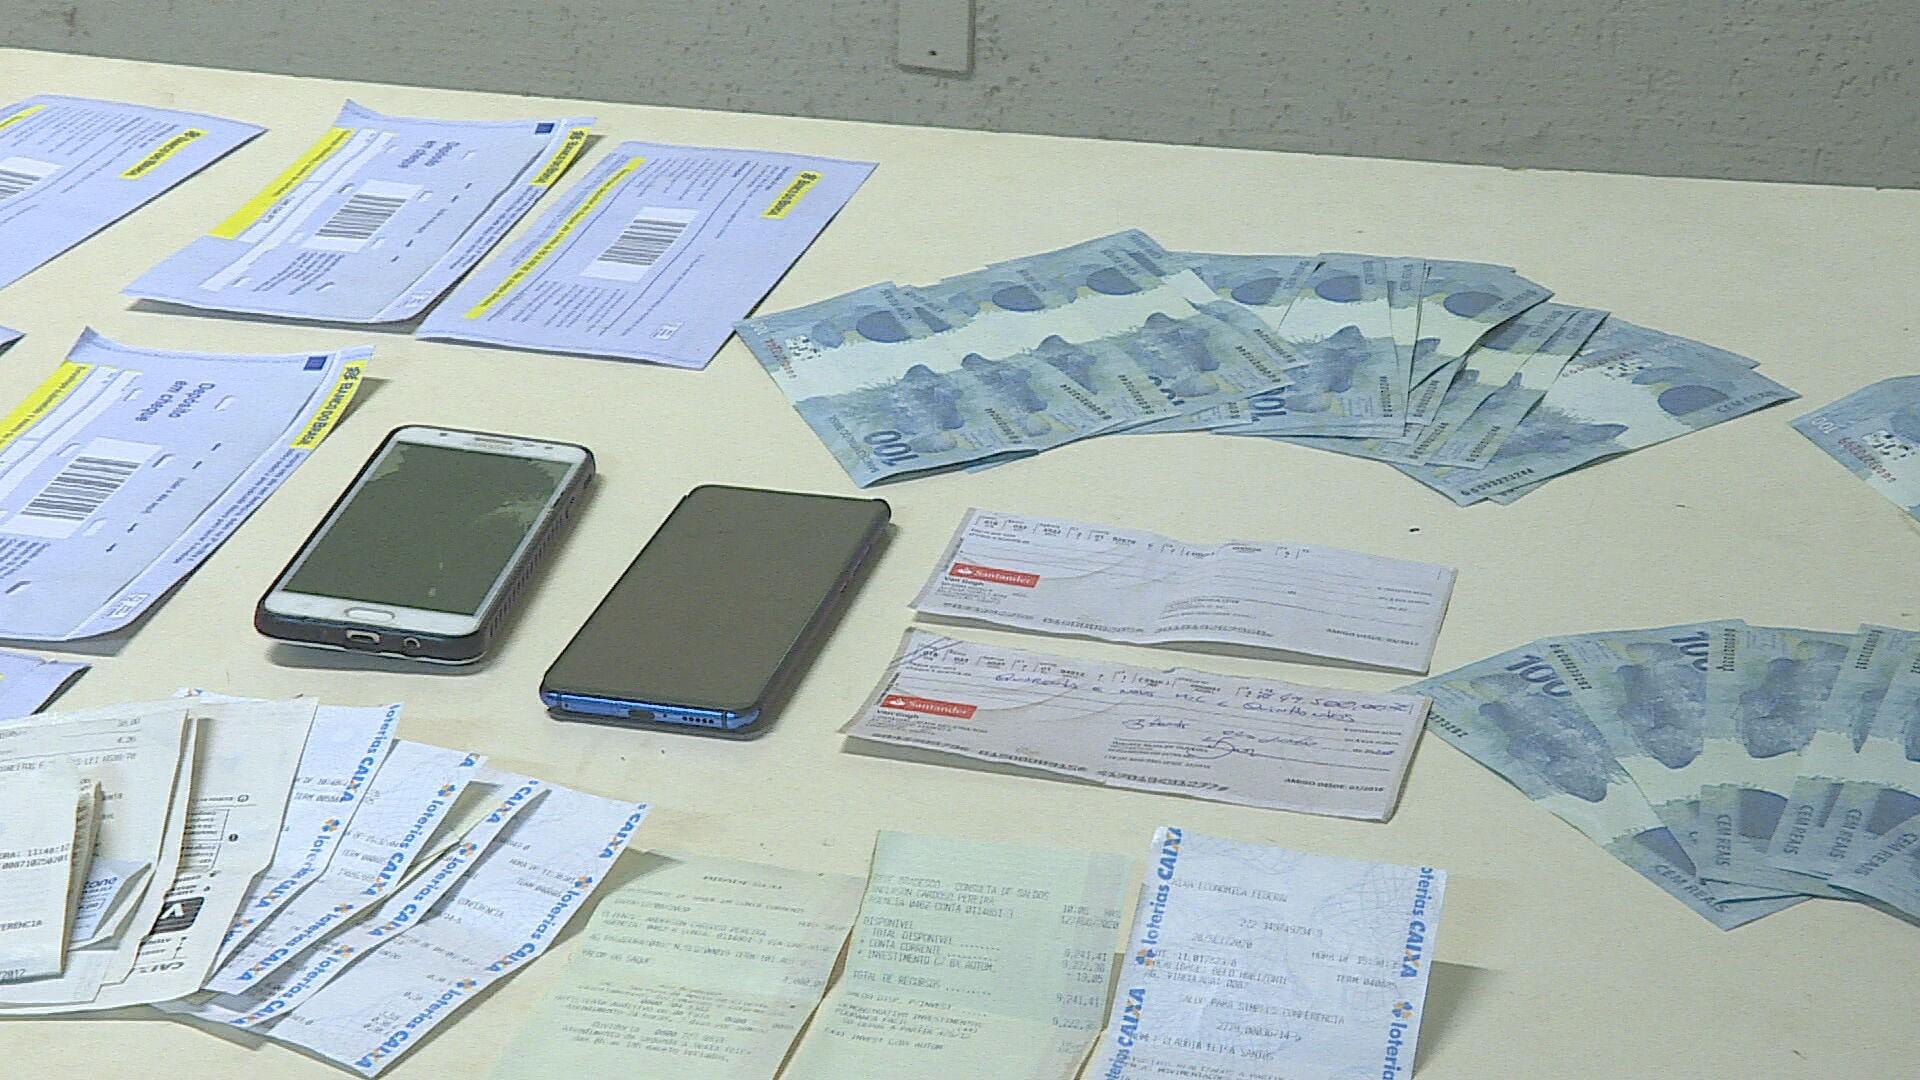 Polícia prende suspeitos de falsificar notas de R$ 100 em Sabará, na Grande BH